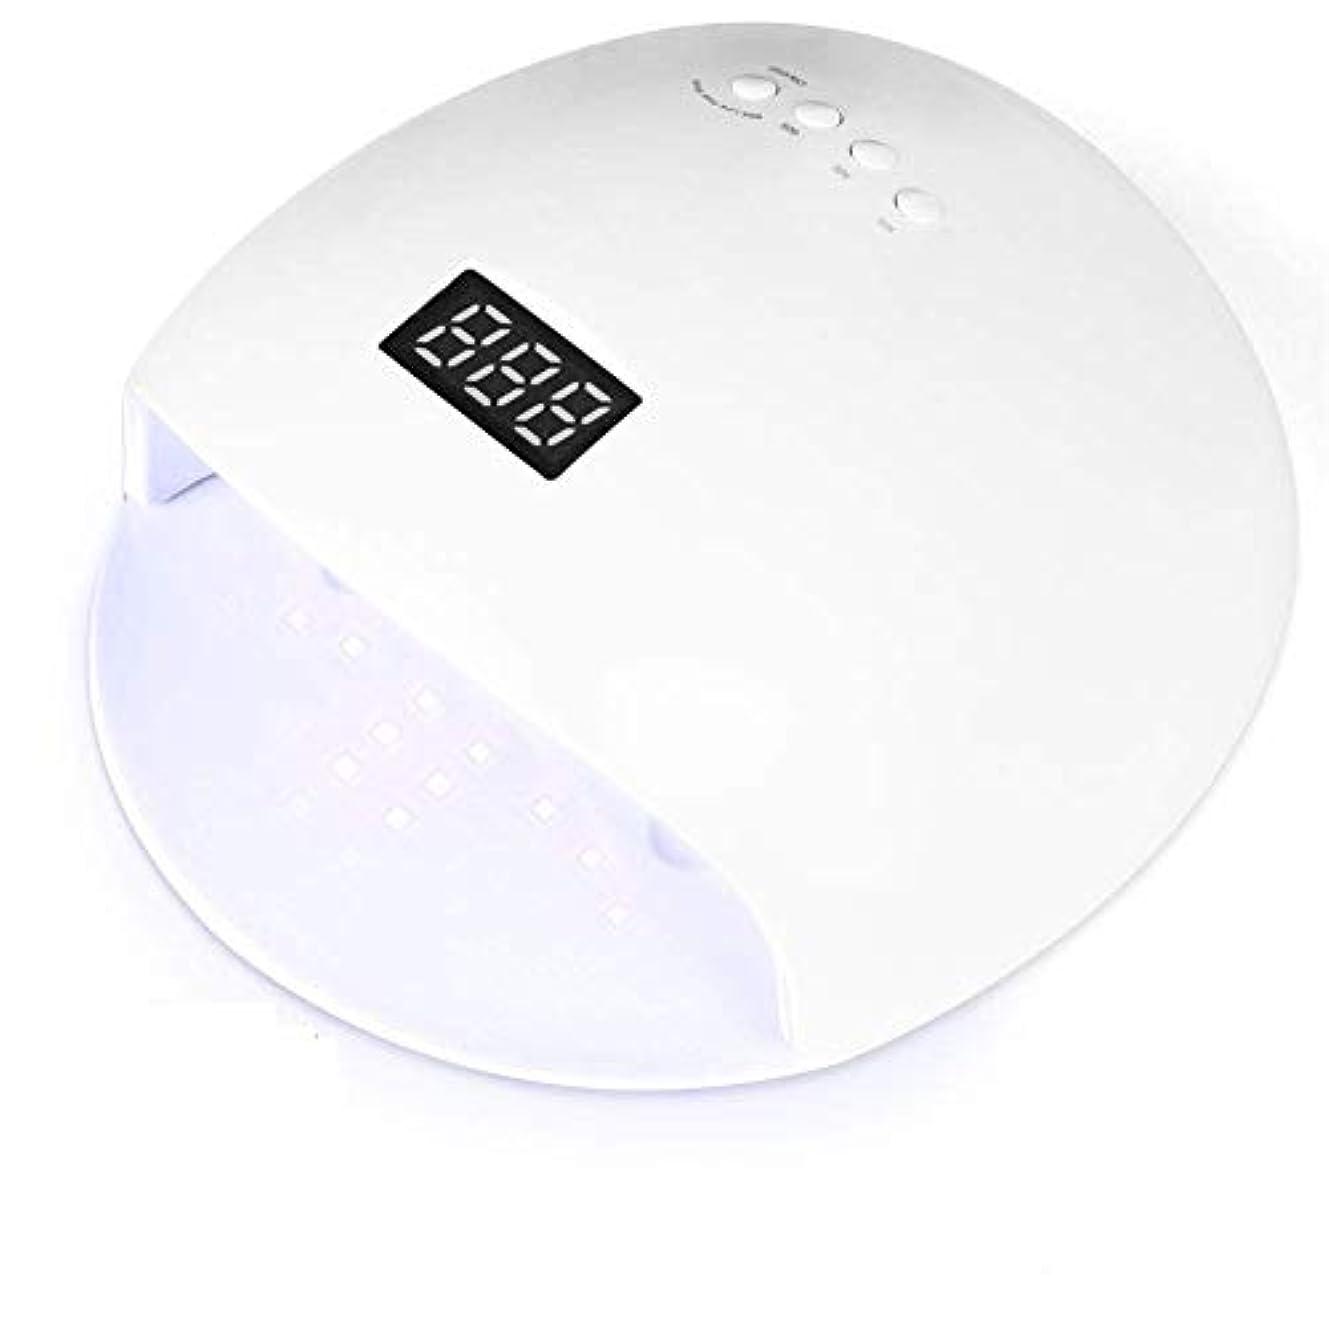 マニュアルミス時間ネイルドライヤーUVネイルランプ速乾ジェルネイルポリッシュライトLEDネイルランプシェラックUVライトジェルネイルポリッシュドライヤーキュアランプシェラックライトランプ3タイマー設定自動赤外線センサー(ホワイト)